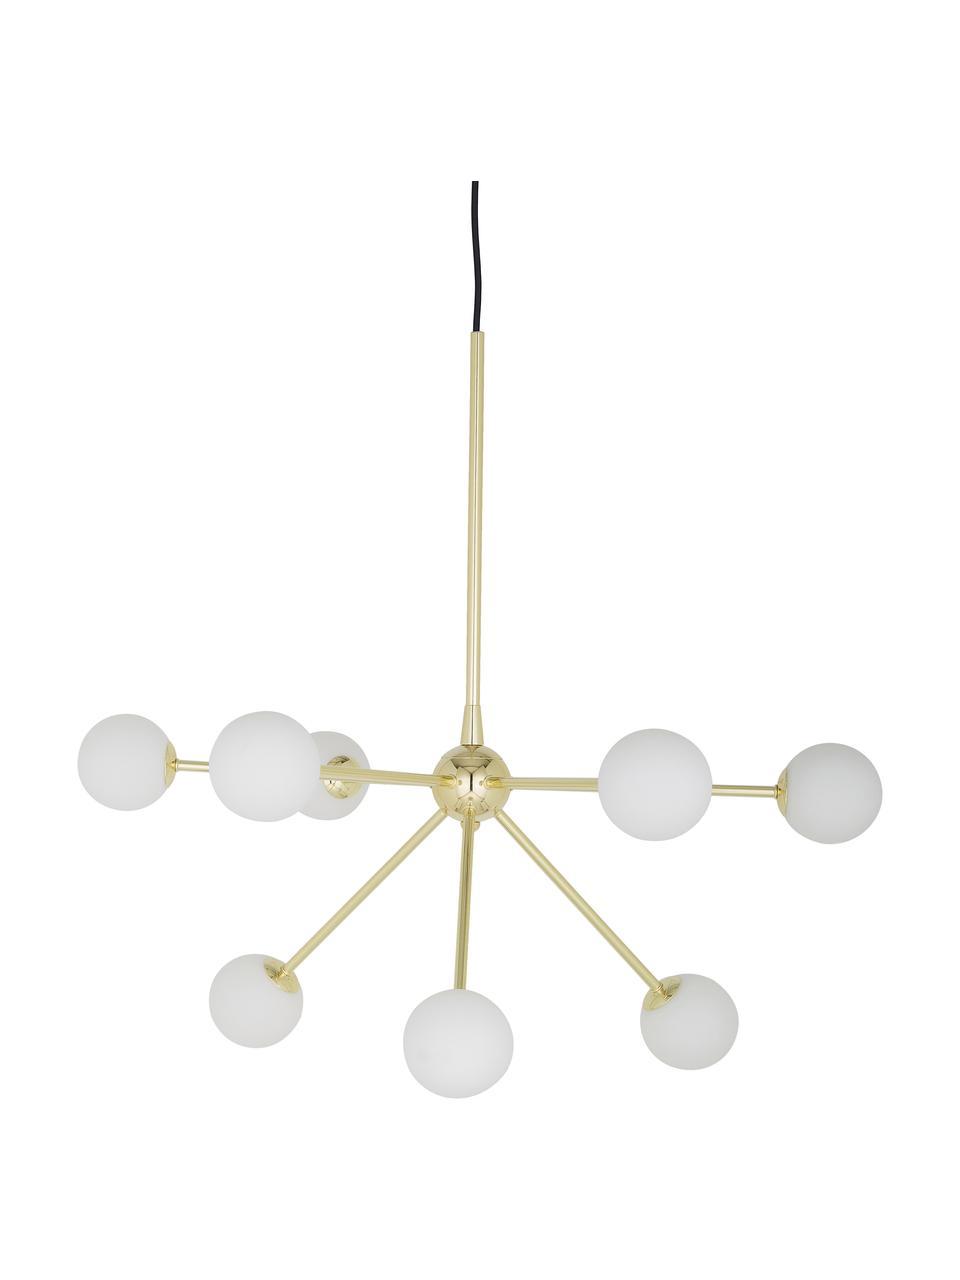 Lampada a sospensione dorata Space, Paralume: vetro opale, Baldacchino: metallo ottonato, Dorato, Larg. 81 x Prof. 71 cm